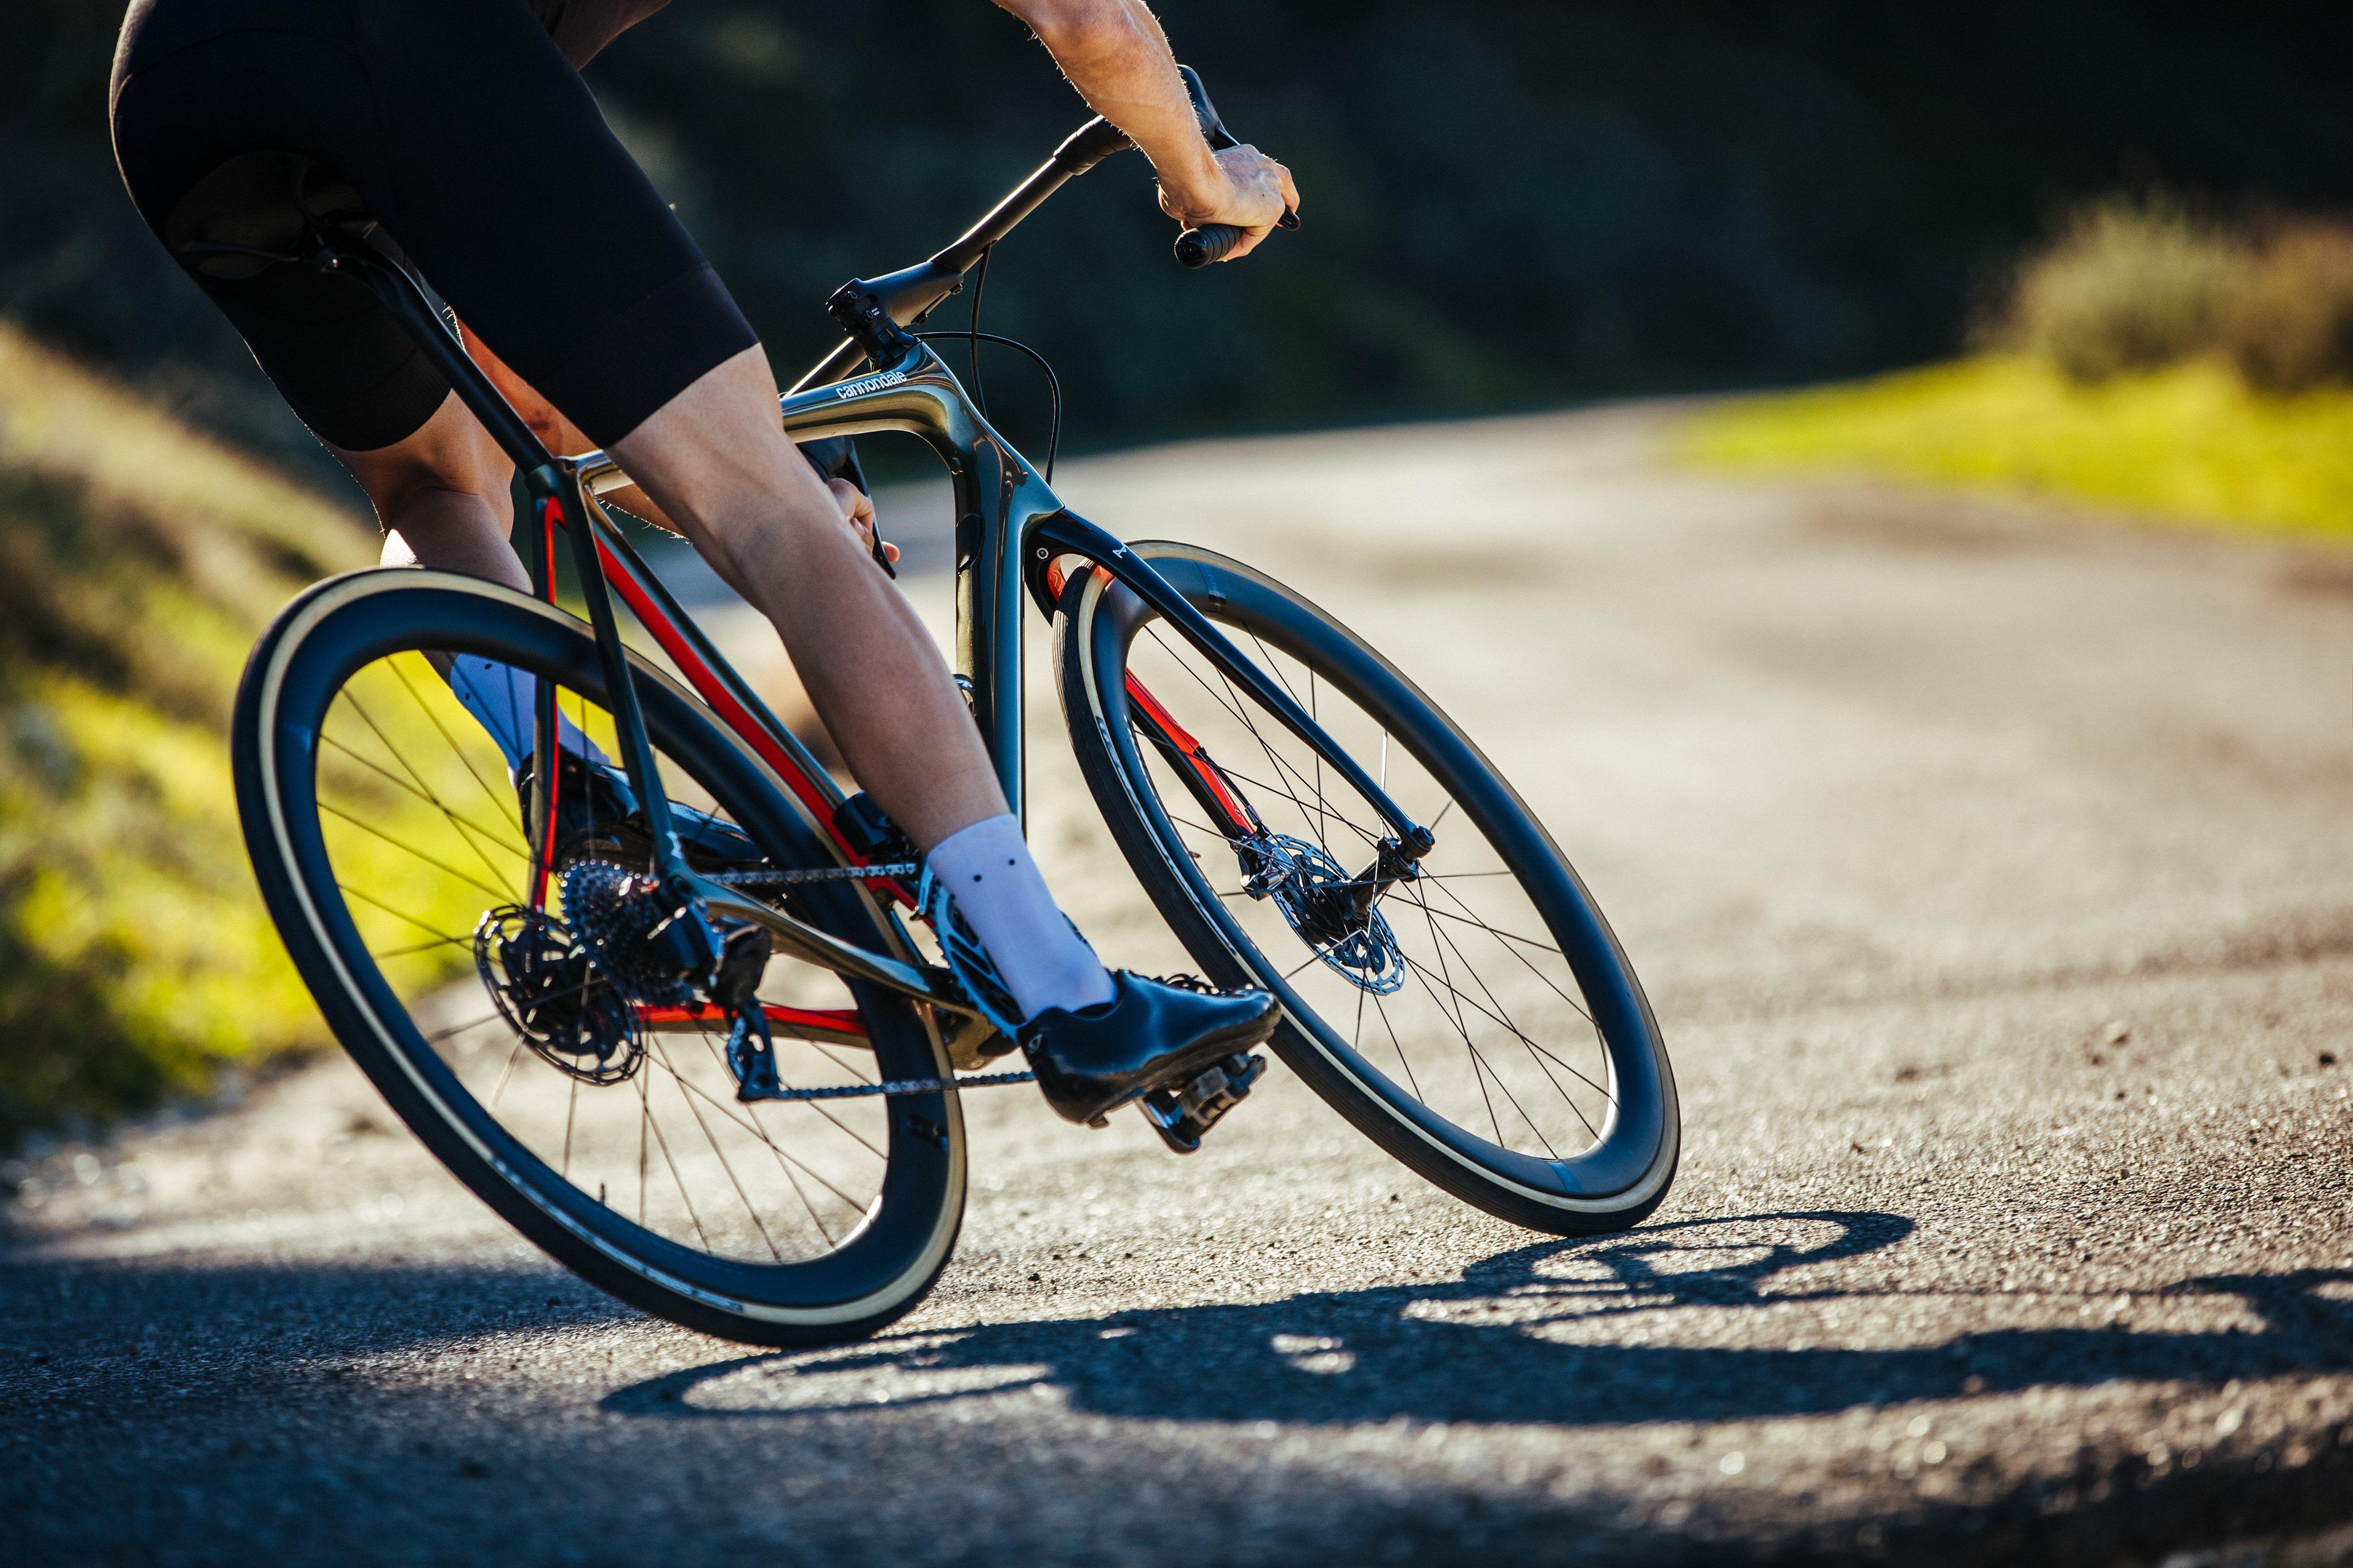 Vélo de route d'endurance - Le Synapse de Cannondale